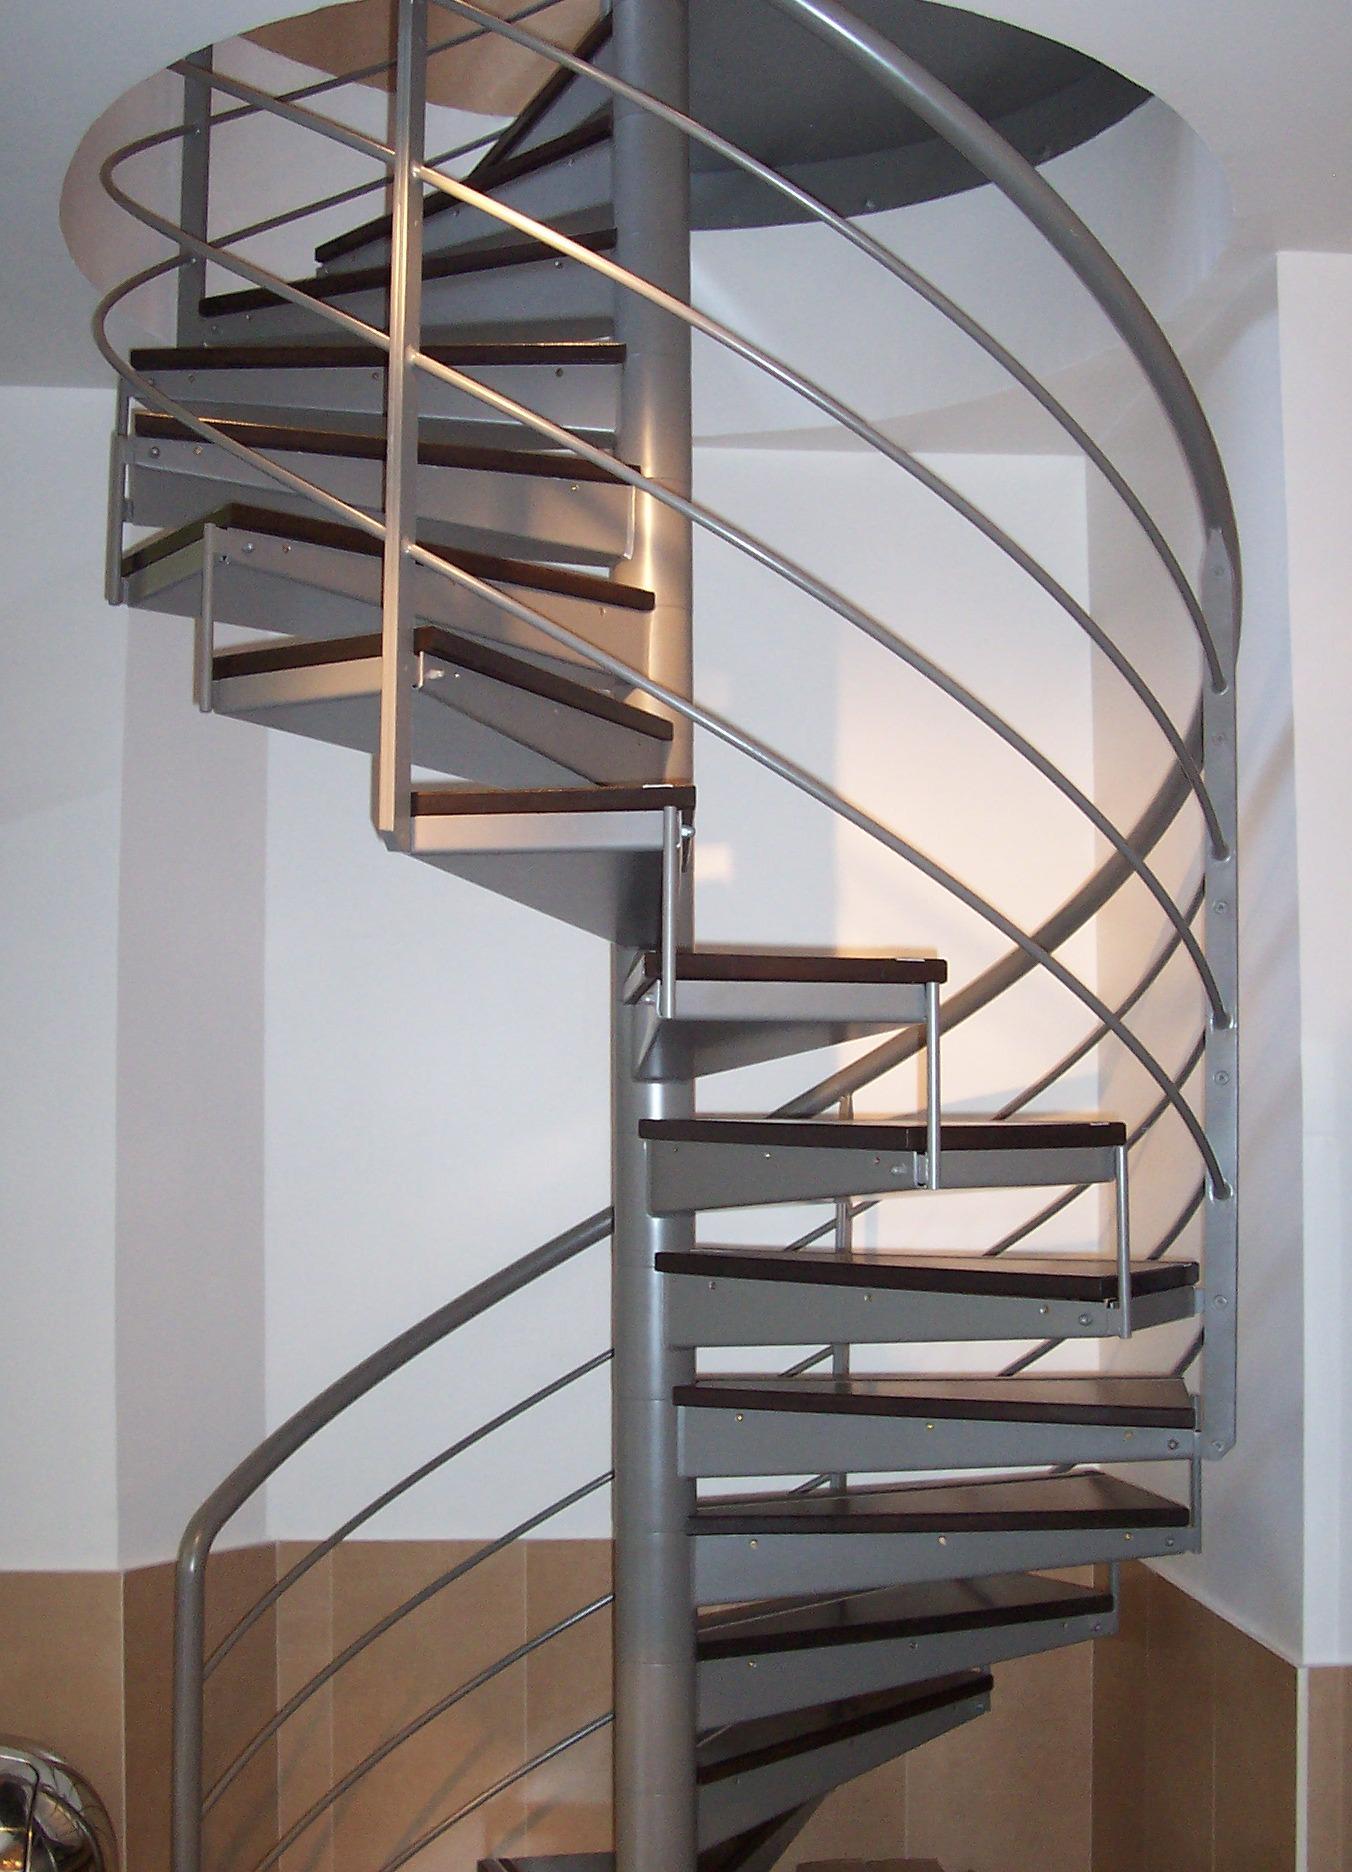 Les rampes ehi escalier h lico dal industriel for Cage escalier exterieur